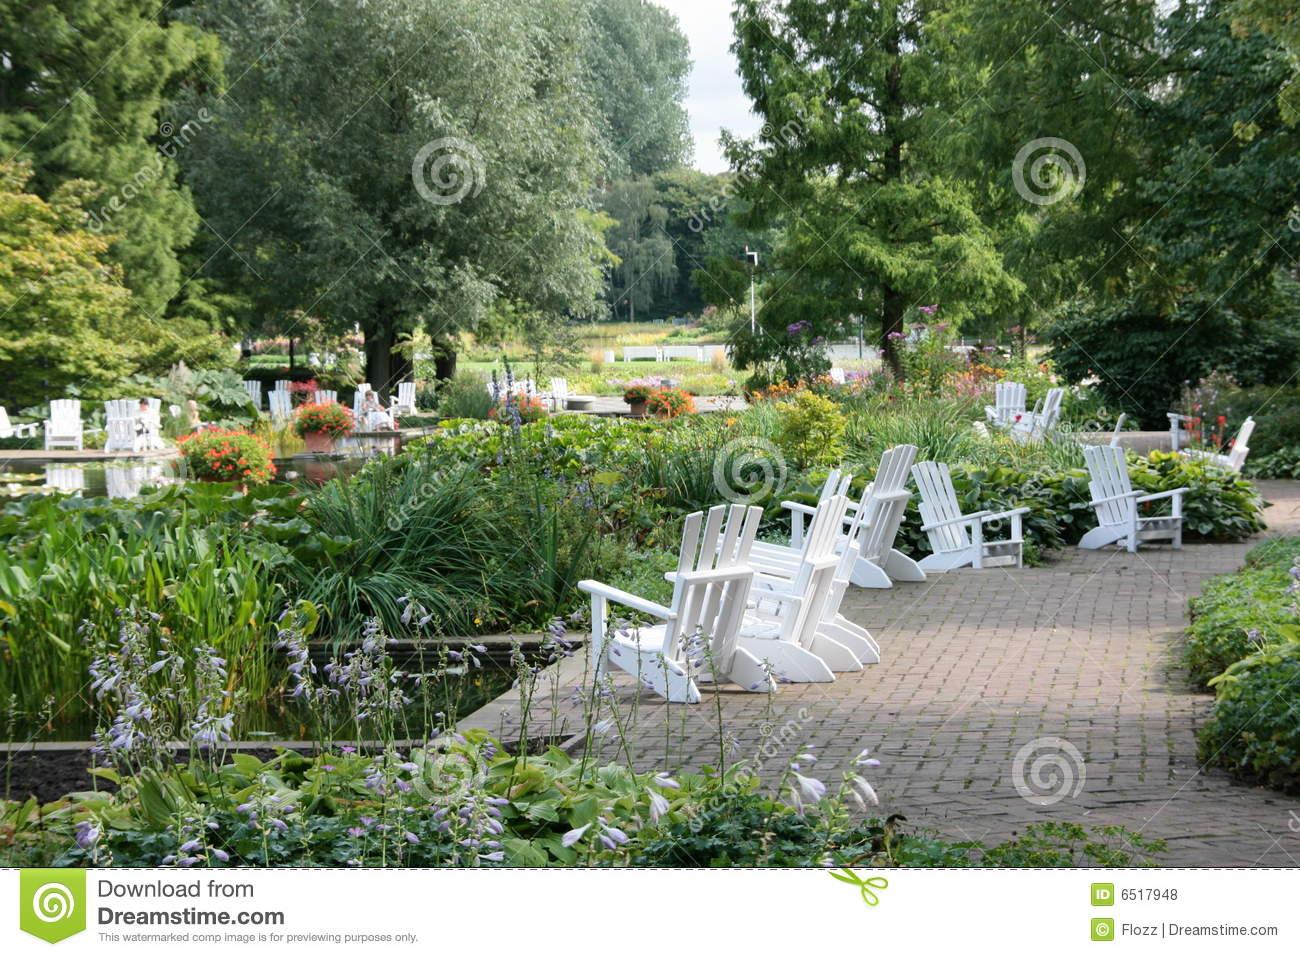 Park Planten Un Blomen Royalty Free Stock Photos.